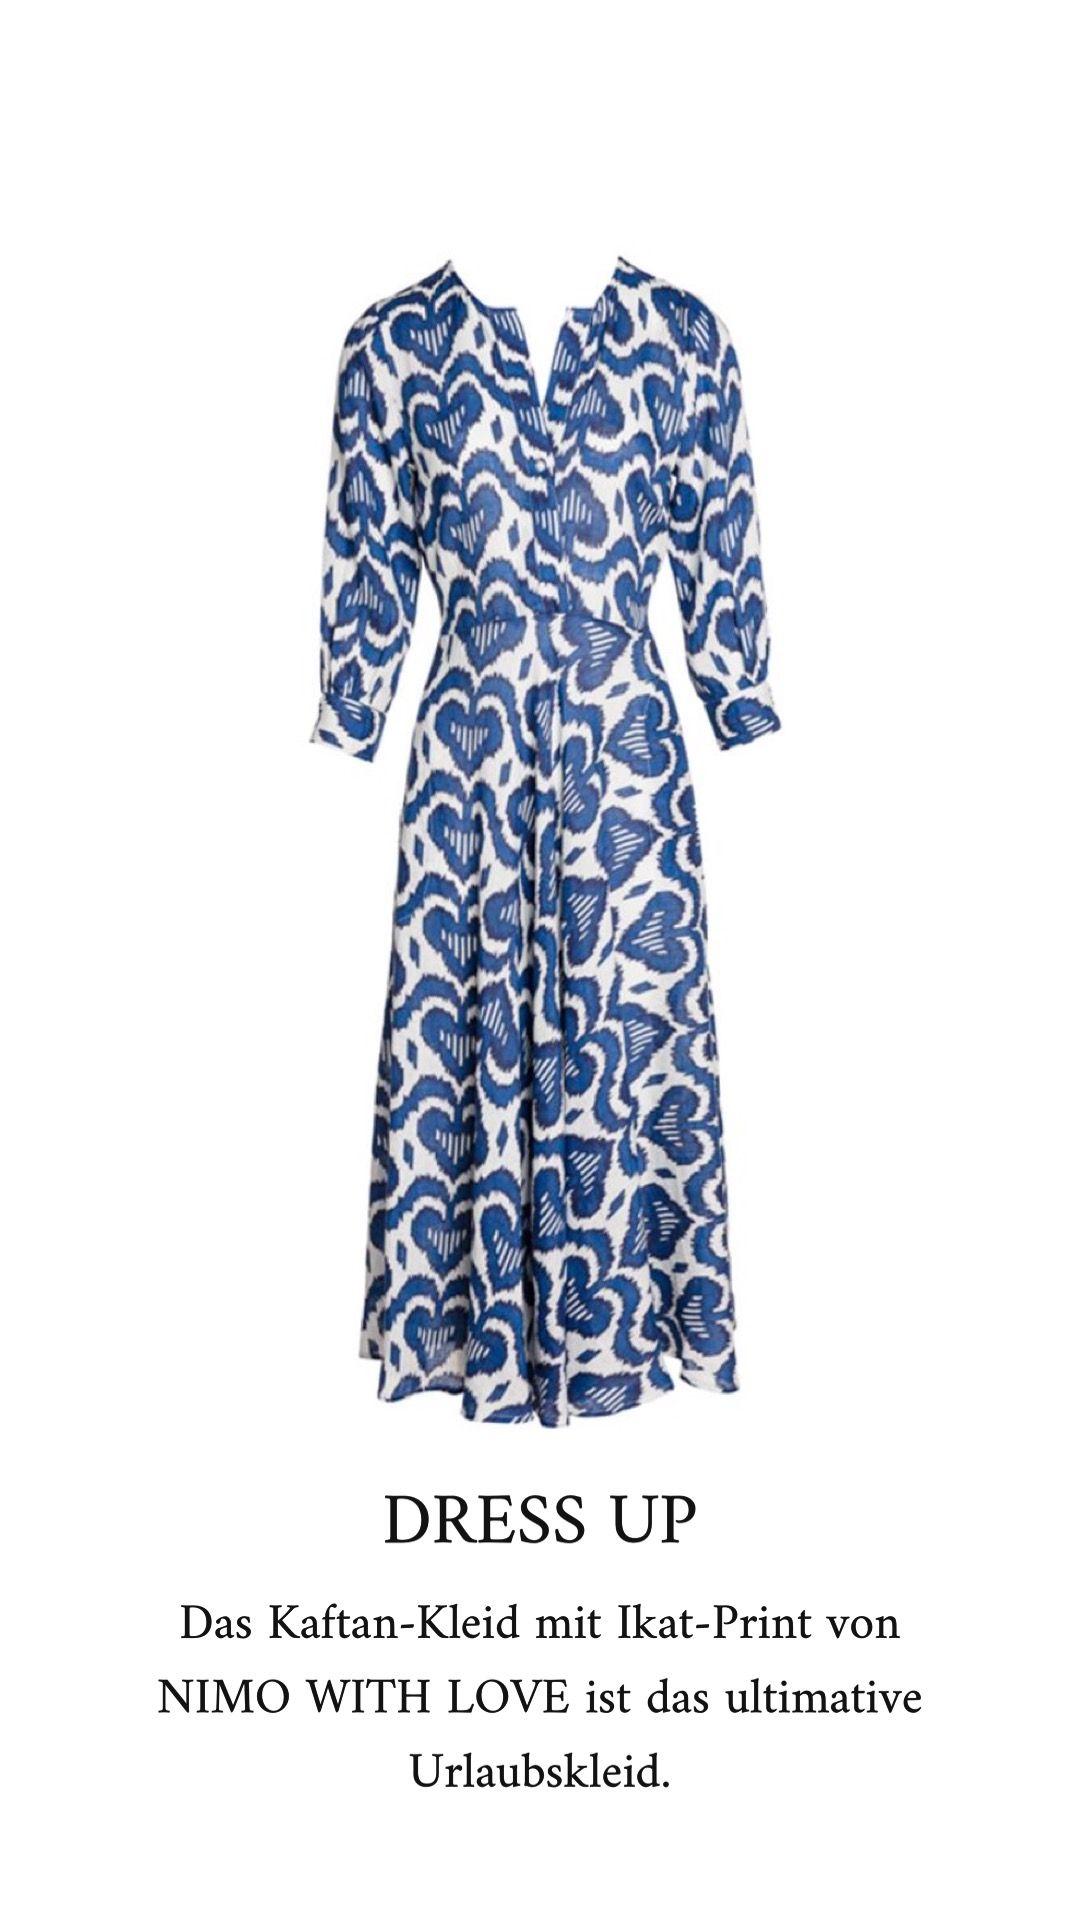 kaftan dress - shop now - the wearness online-shop | kaftan